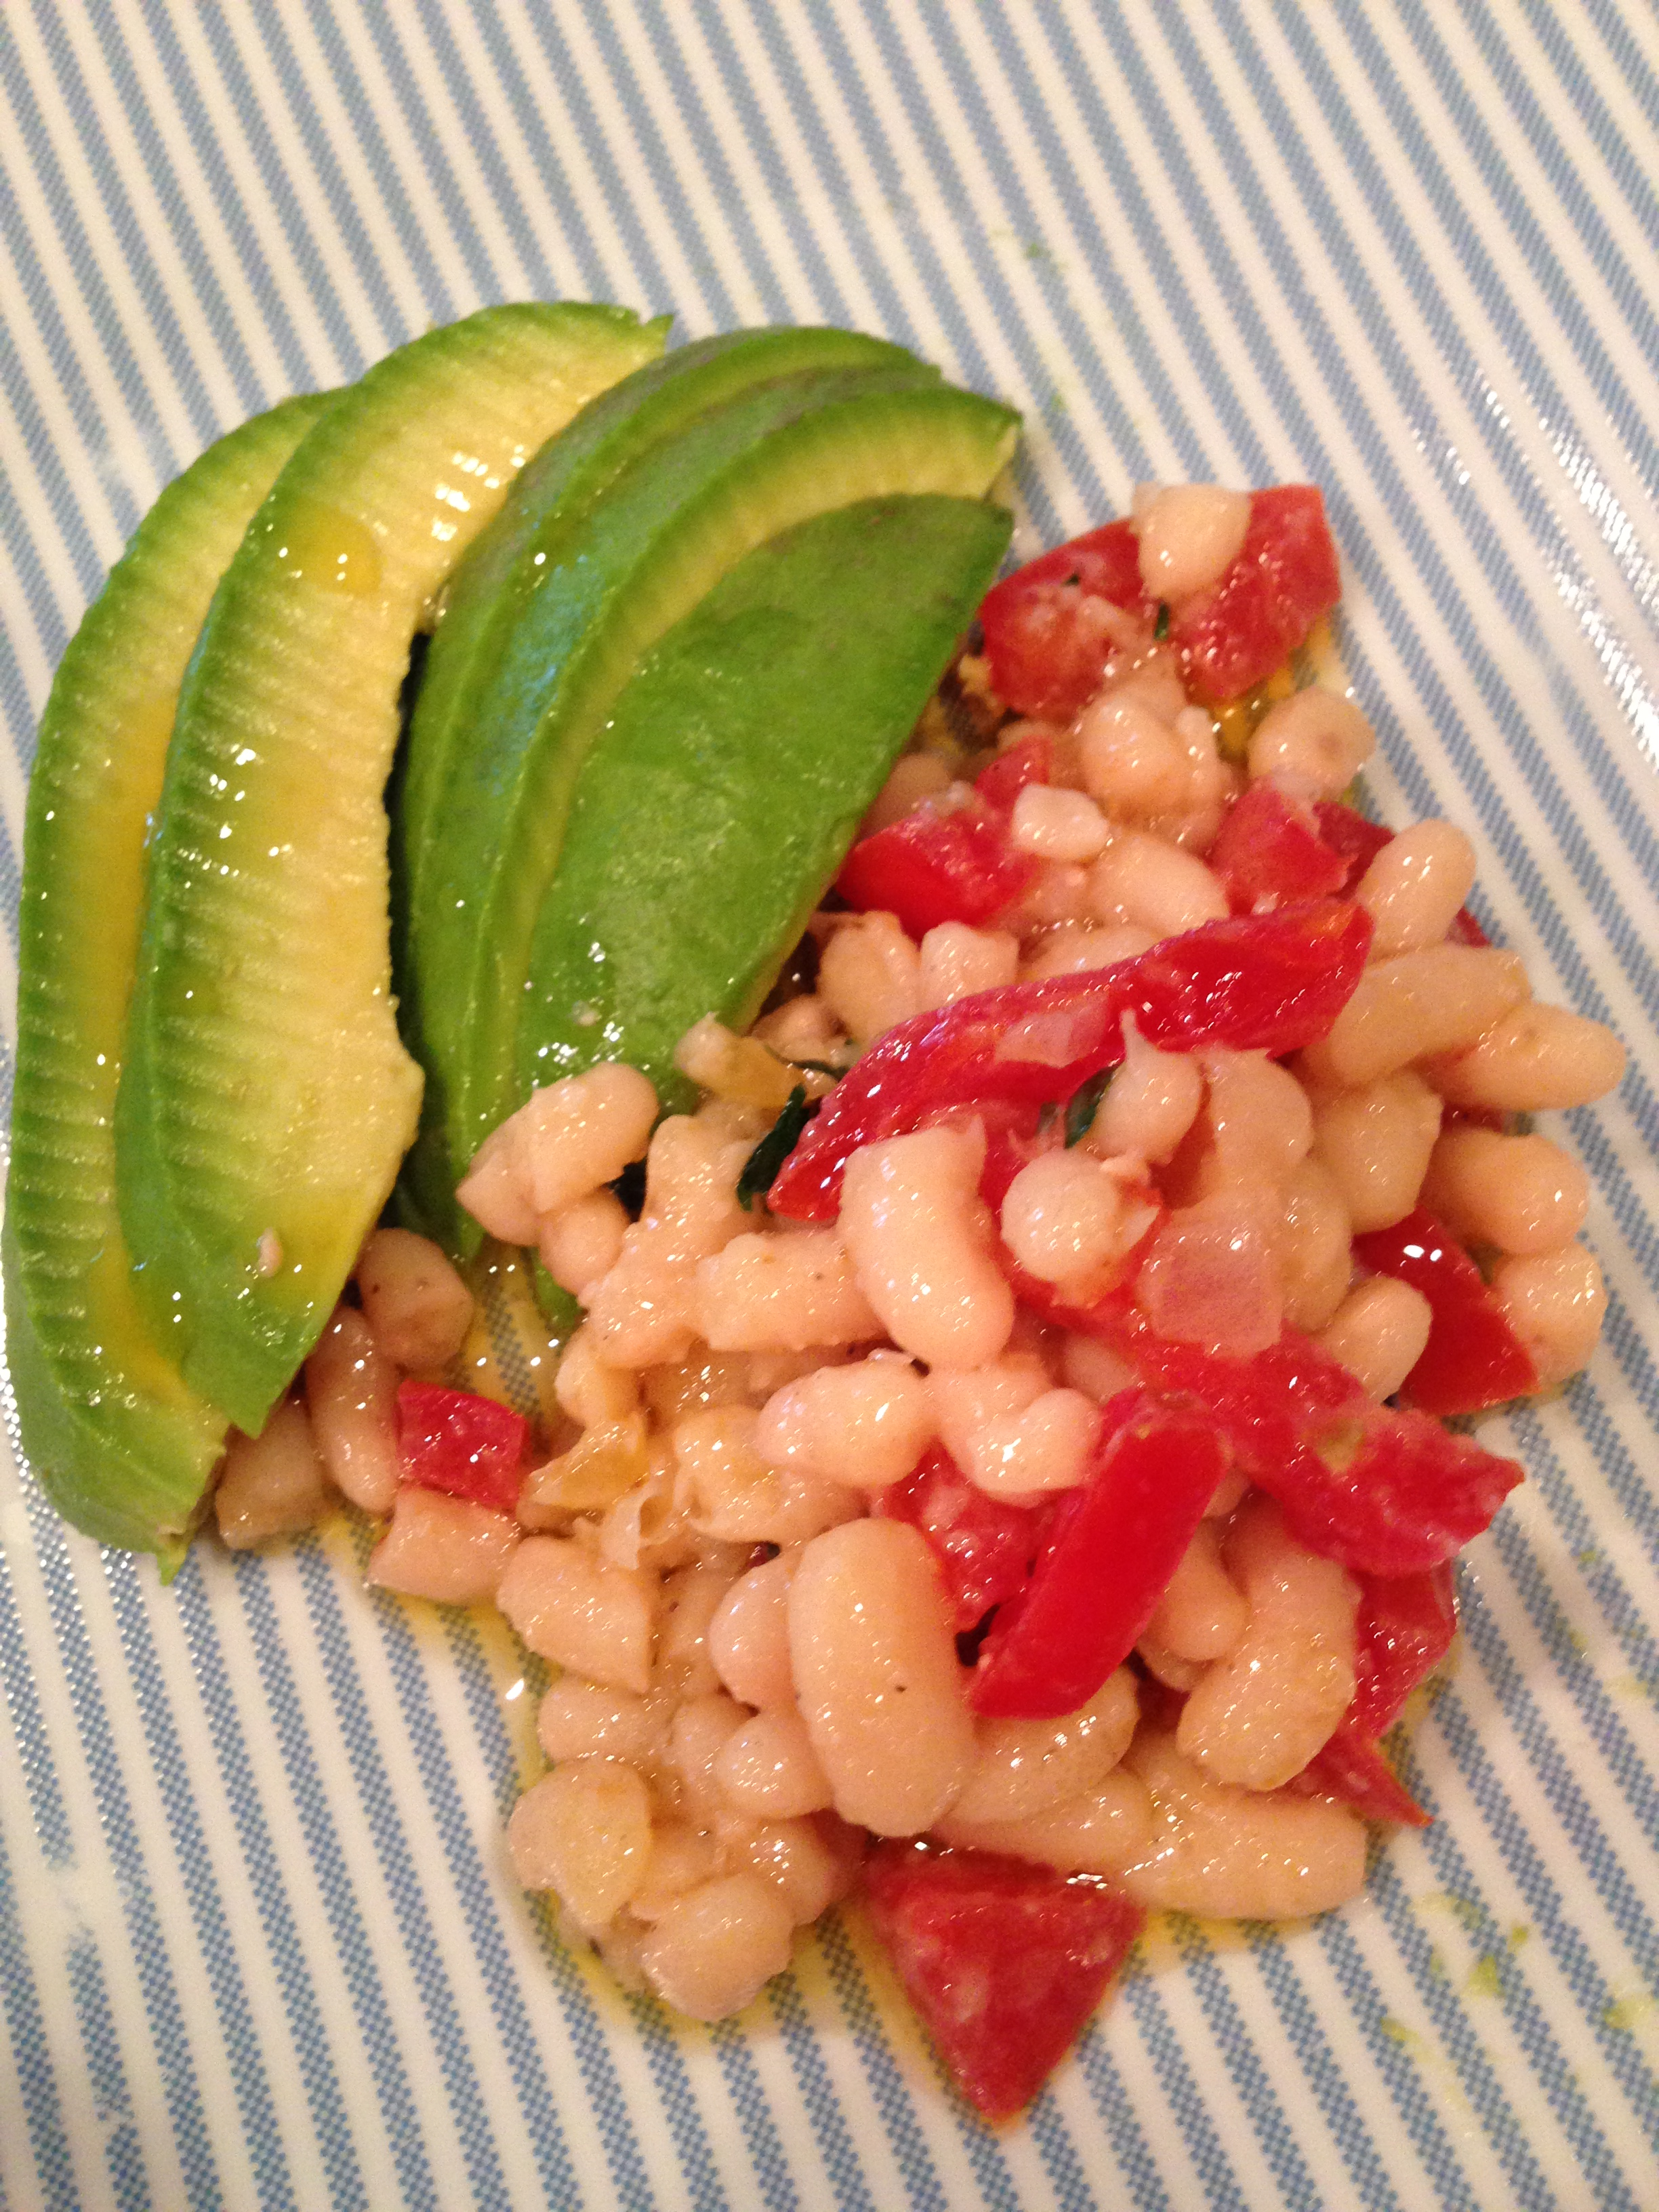 White beans & avocado